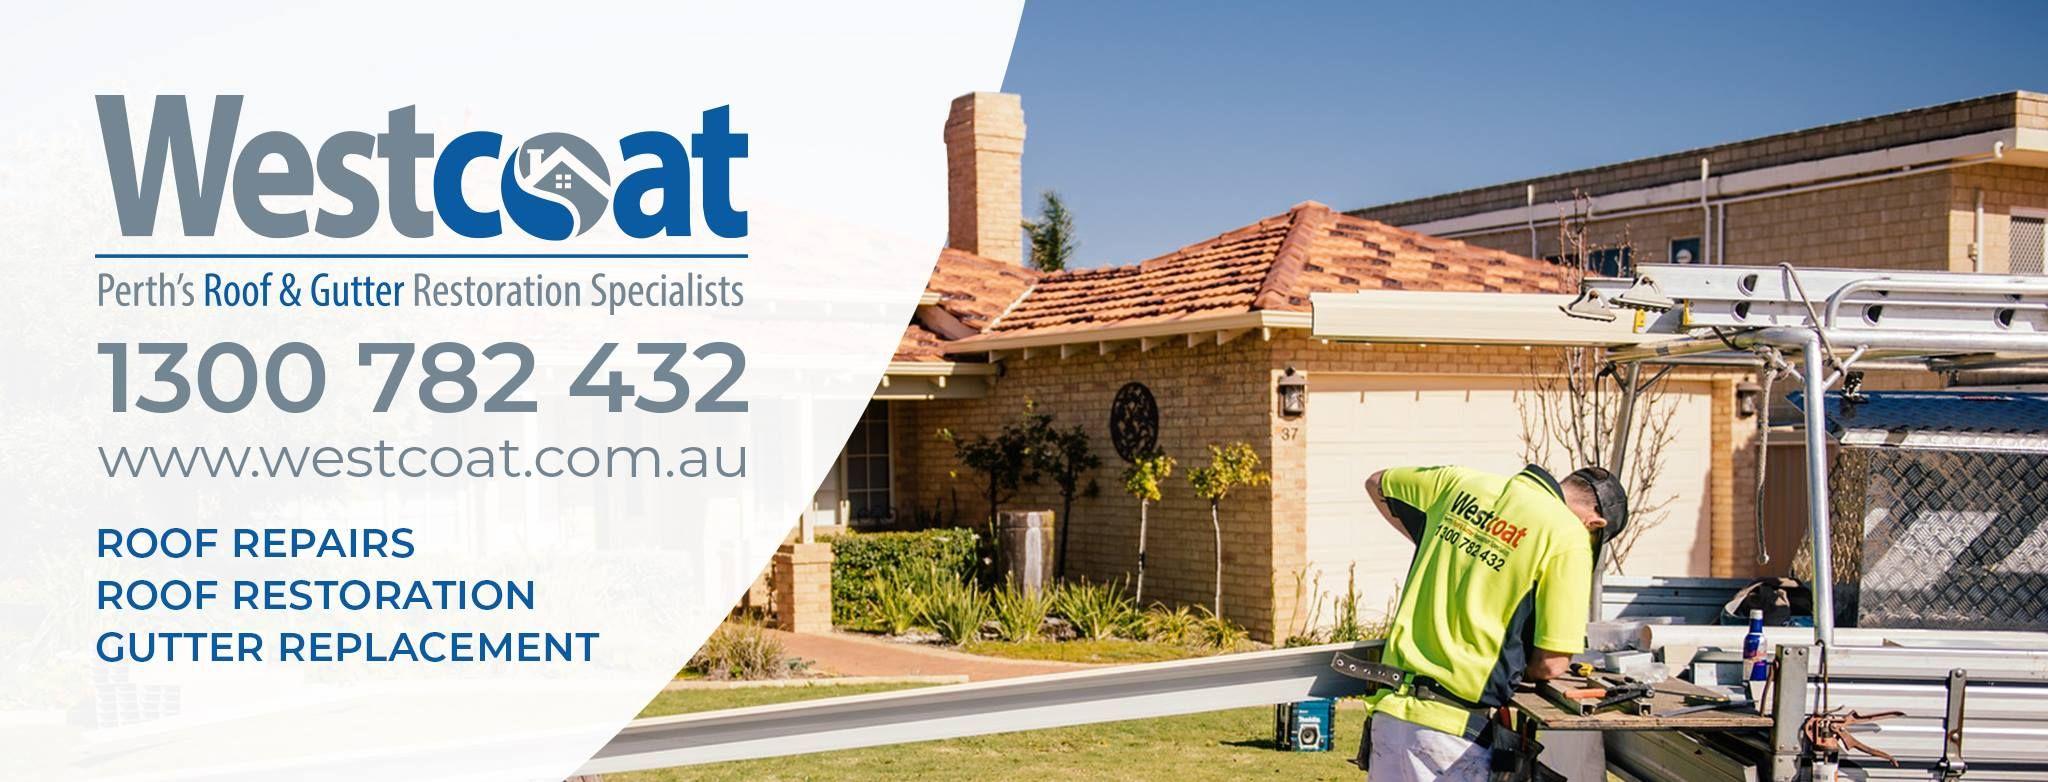 Want Metal Roofing, Roof Restoration Or Roof Leak Repair